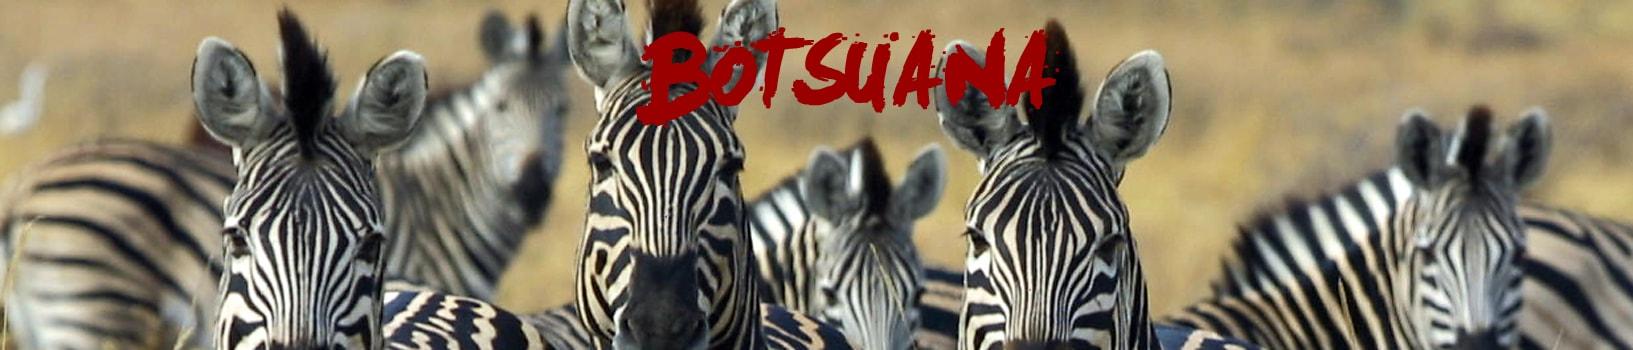 viaje-botsuana